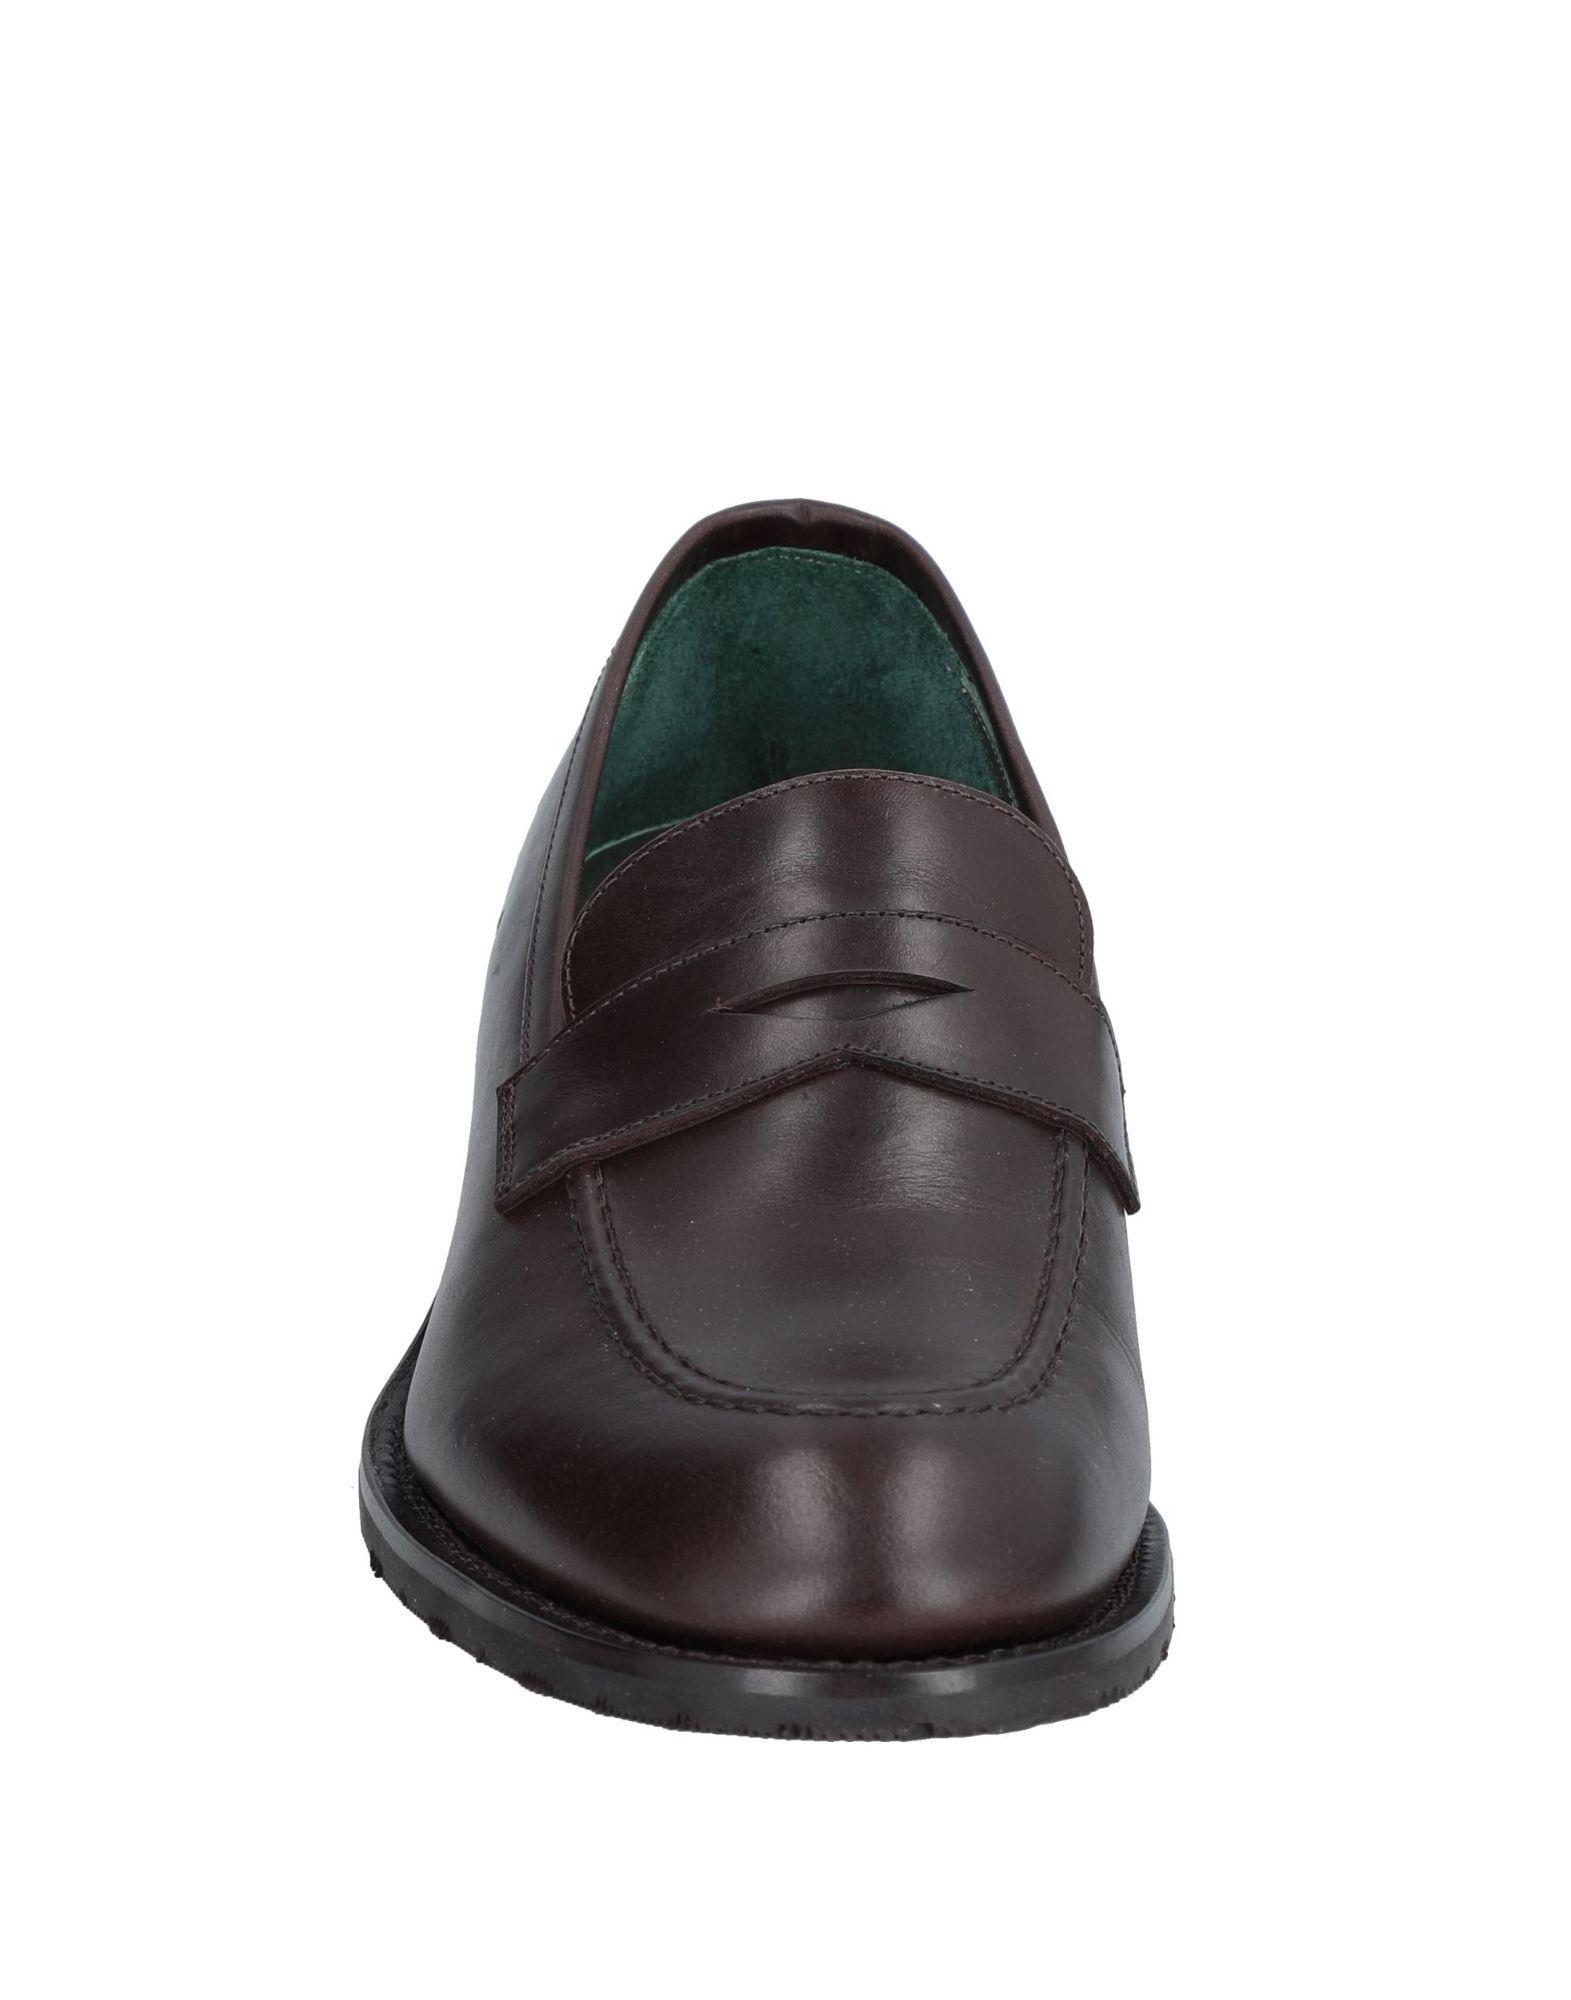 Andrea 11531846AC Ventura Firenze Mokassins Herren  11531846AC Andrea Gute Qualität beliebte Schuhe 03973f